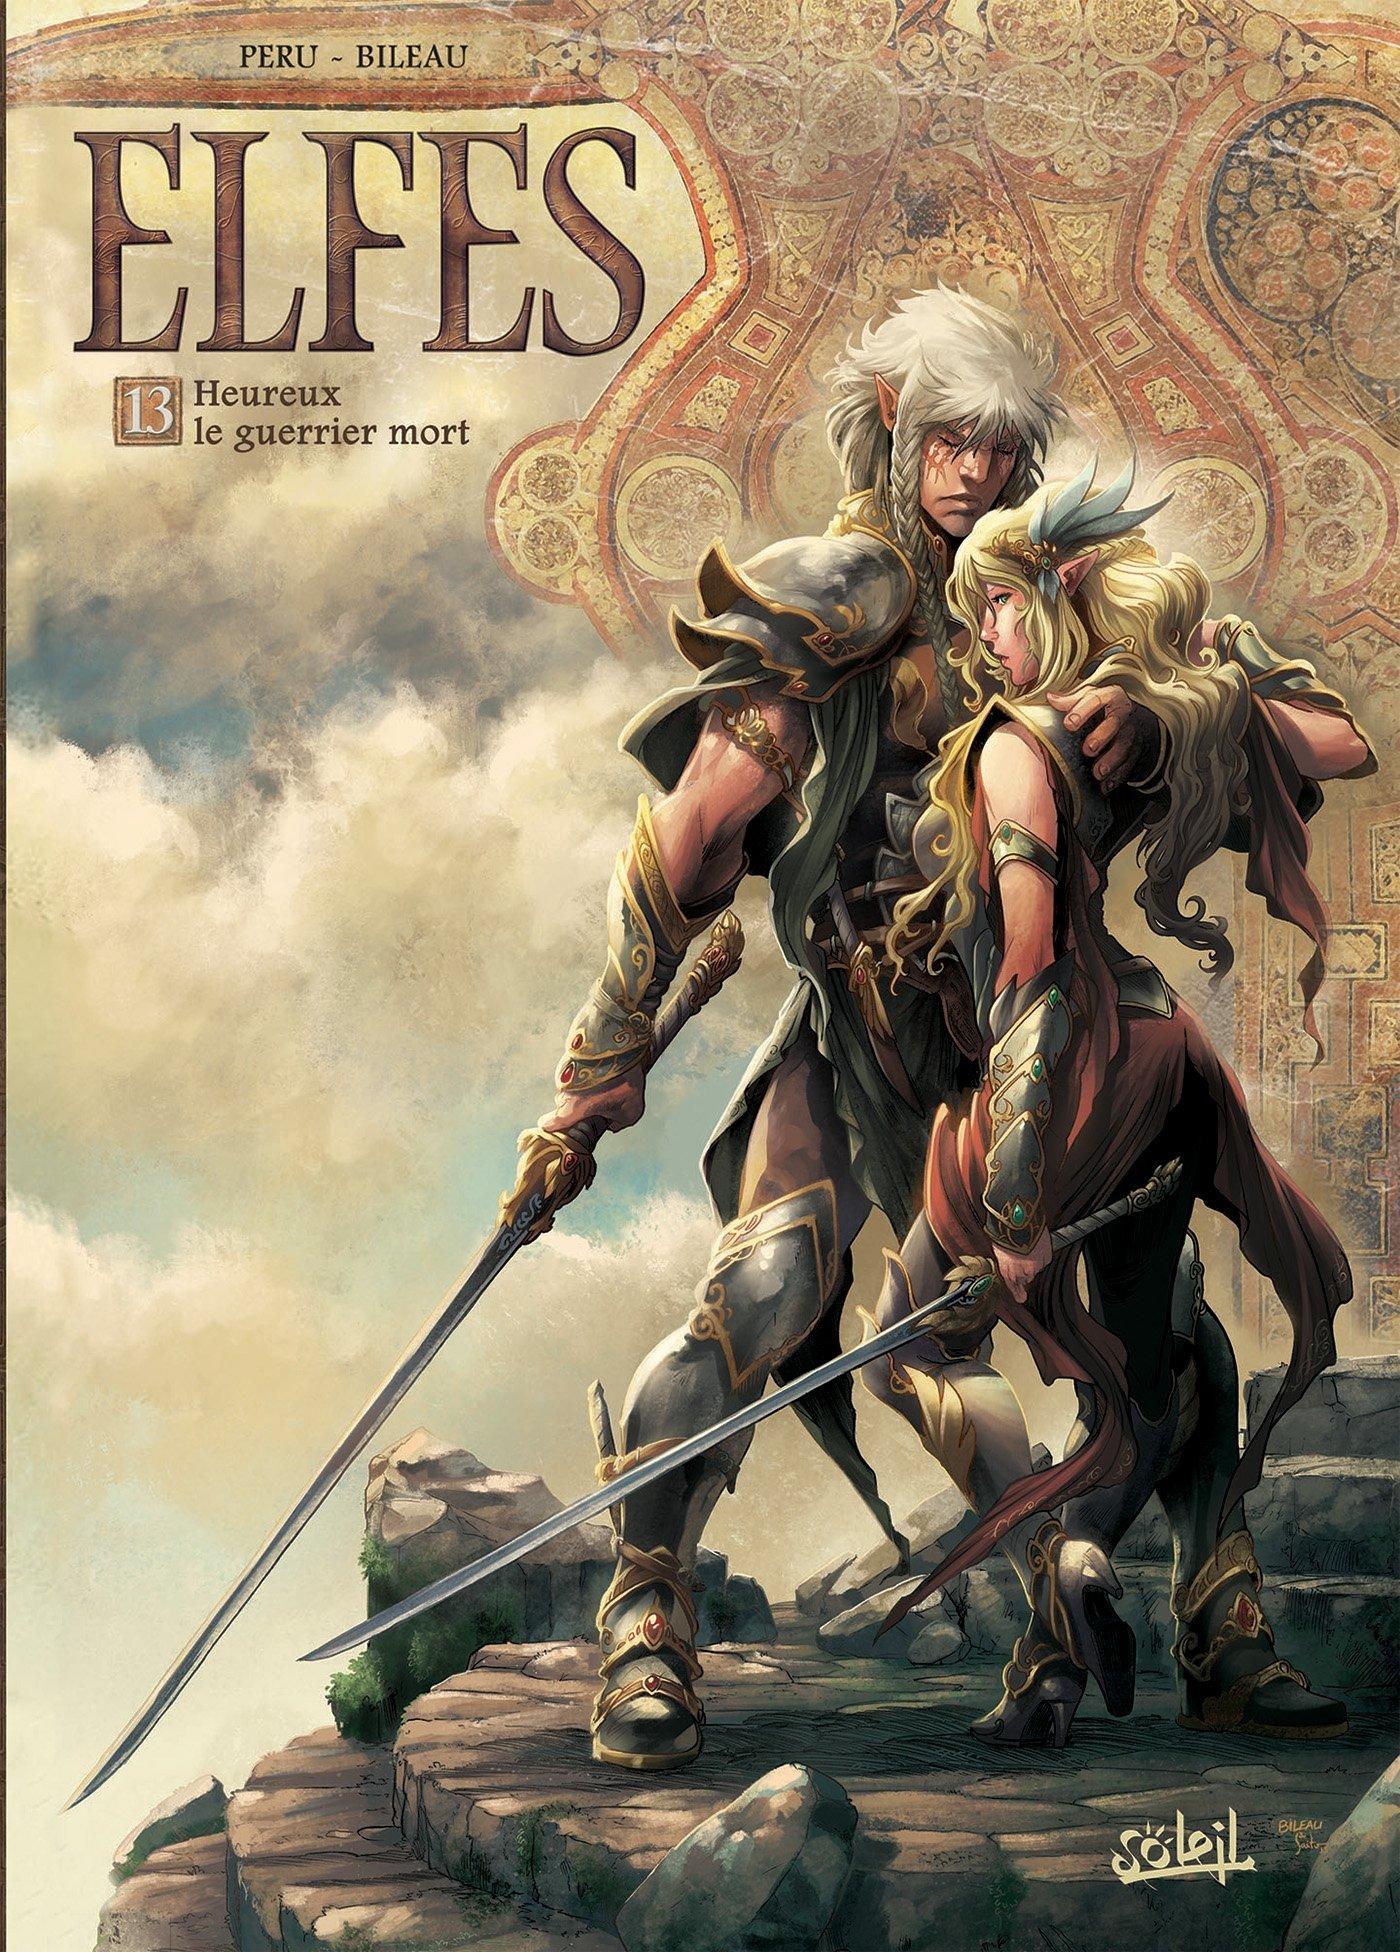 Elfes 13 - Heureux le guerrier mort